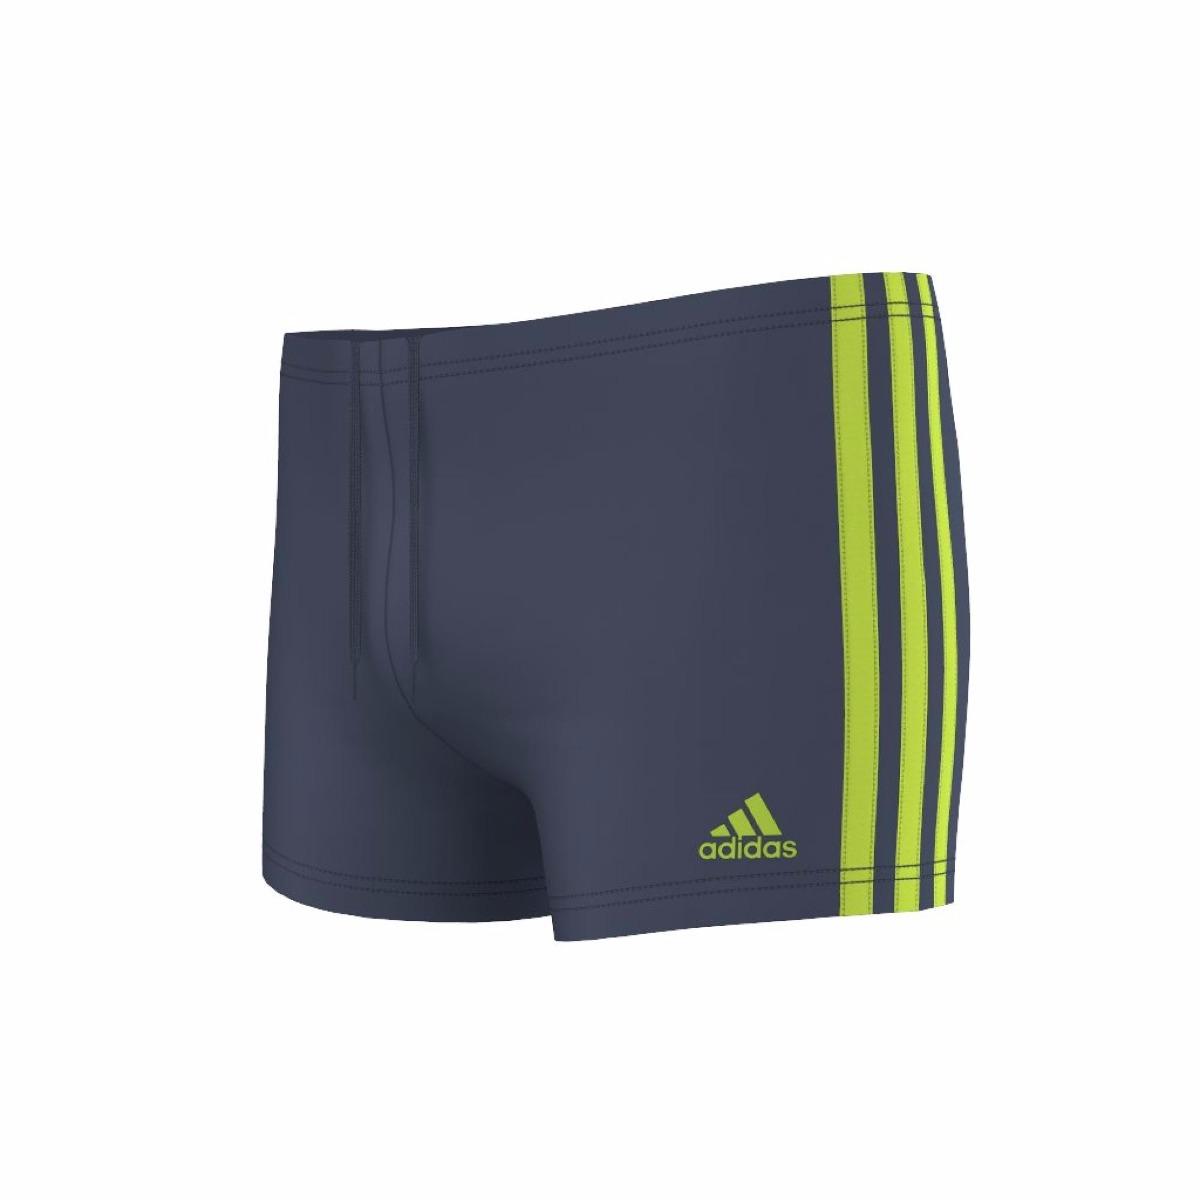 3853f7312 sunga shorts adidas lateral larga boxer natação praia s93119. Carregando  zoom.